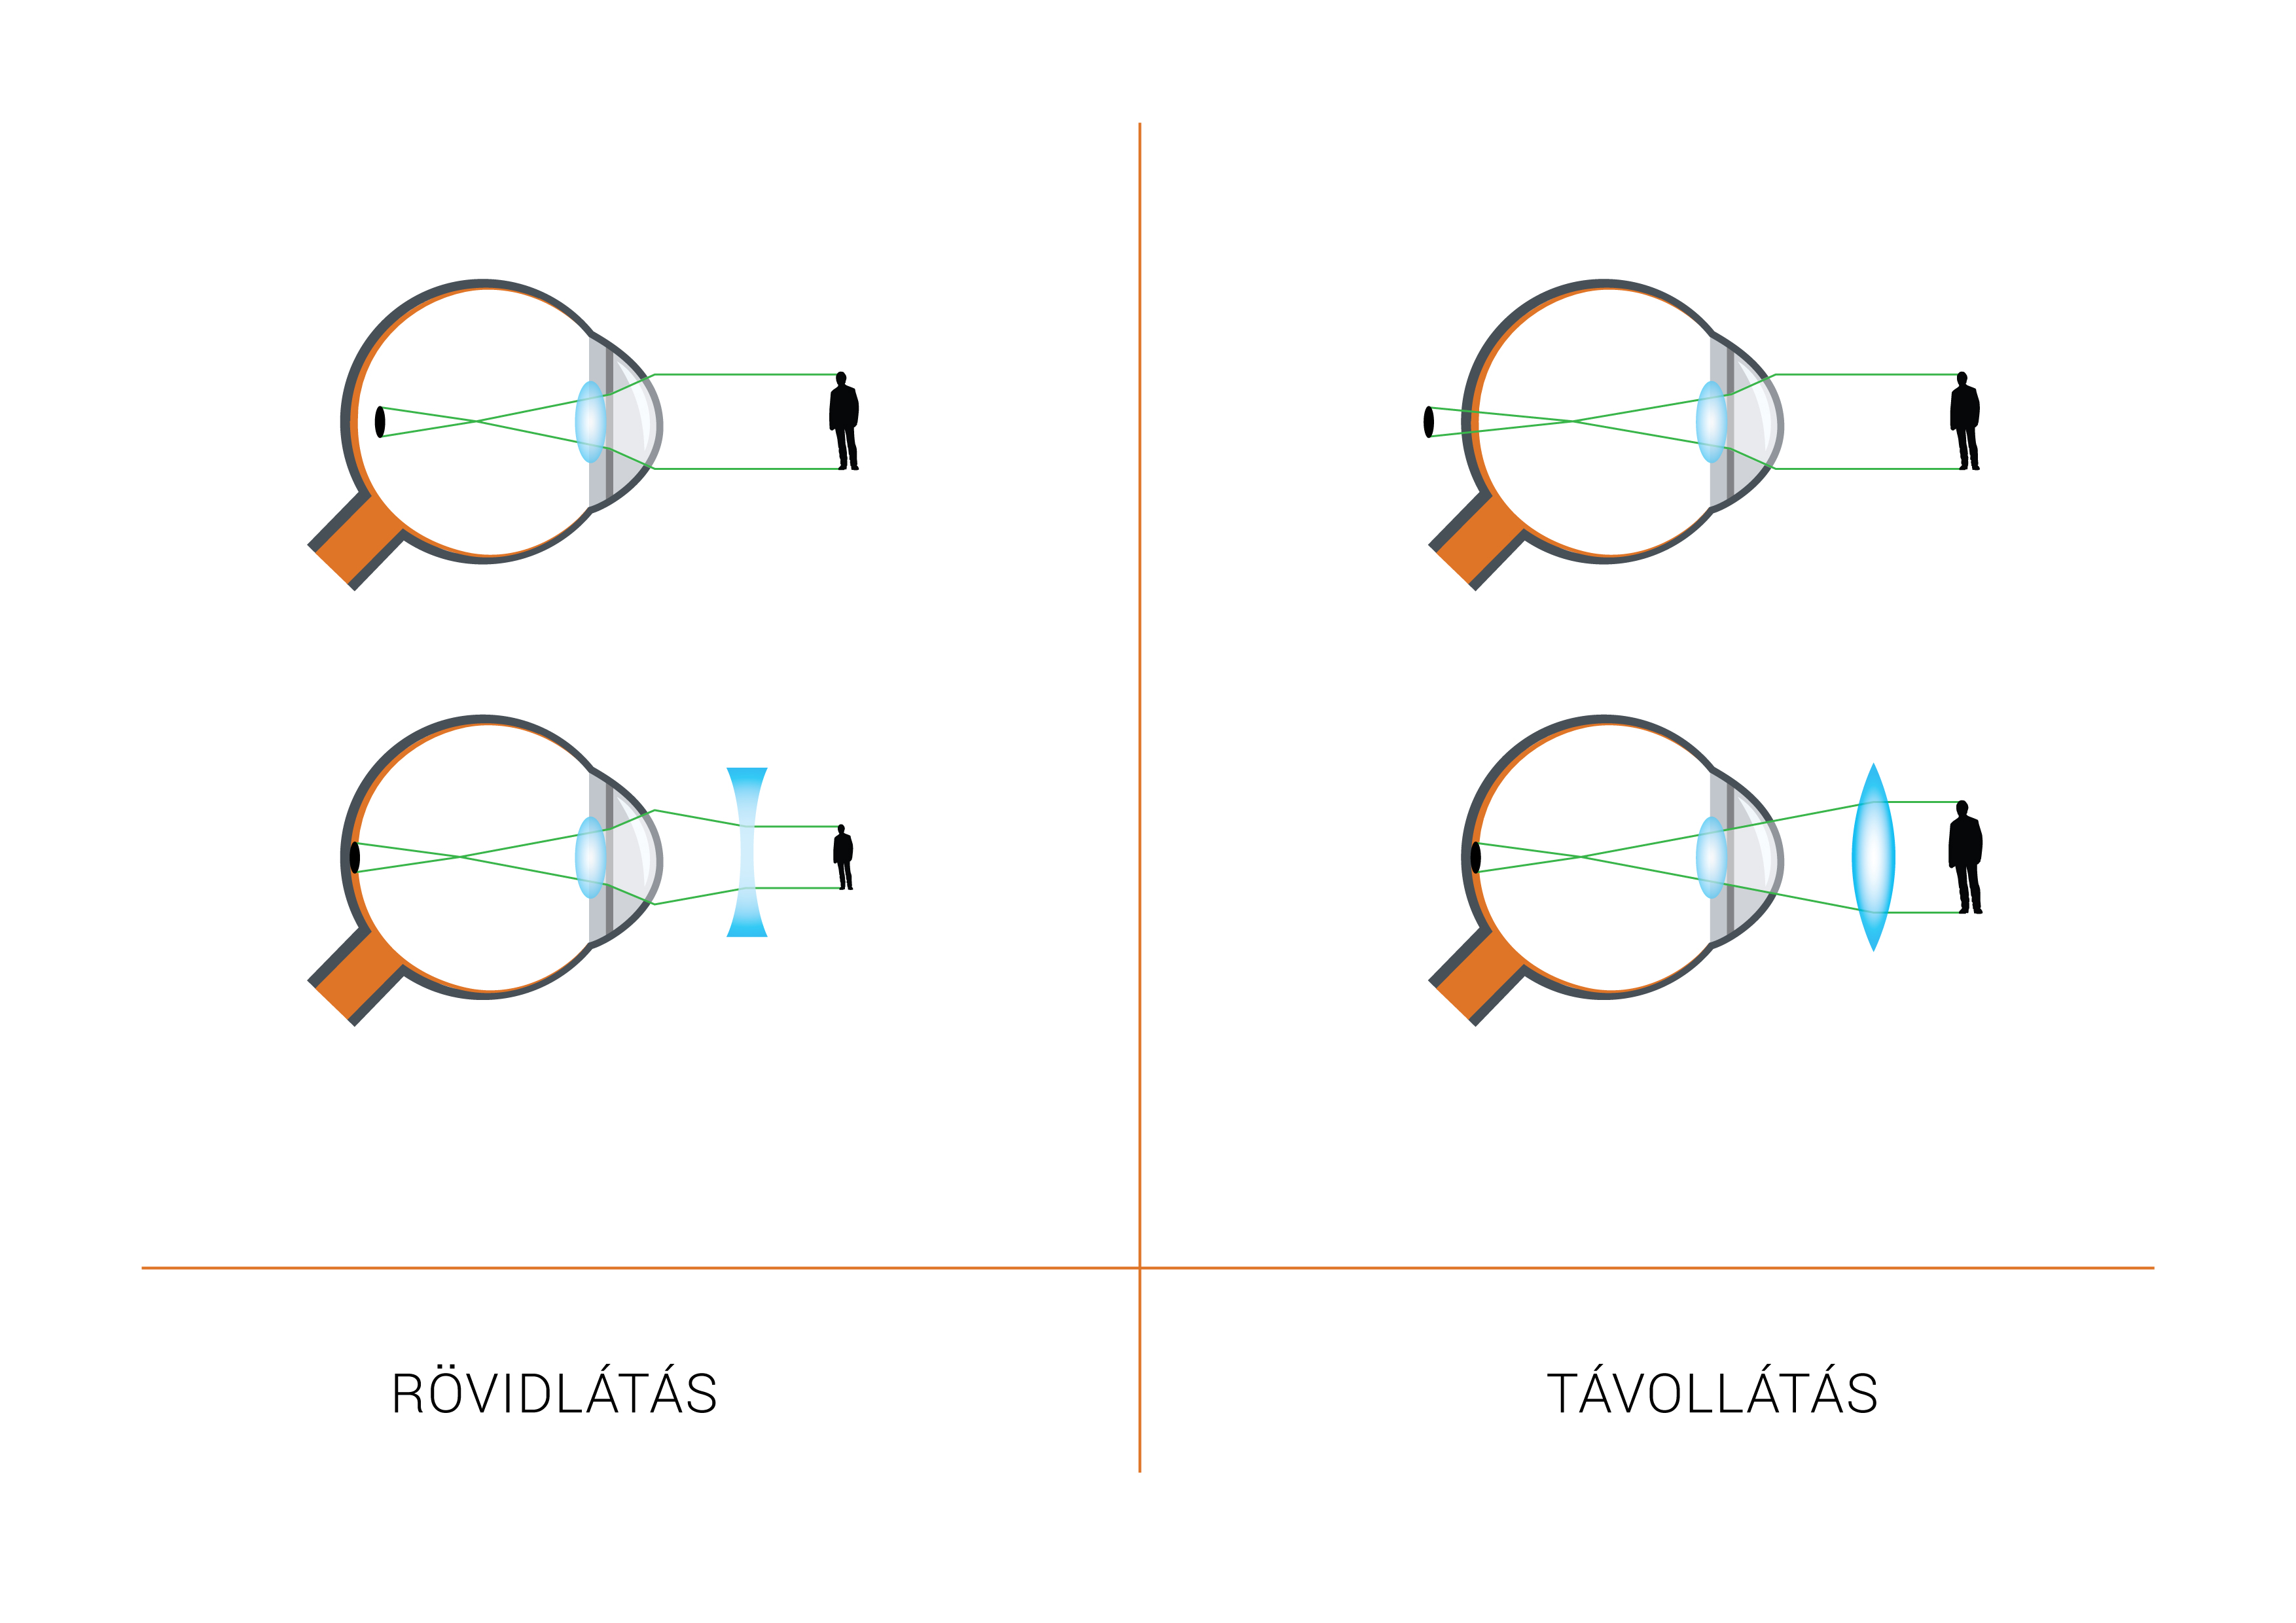 látás 2 dioptria 5 látás a rövidlátás